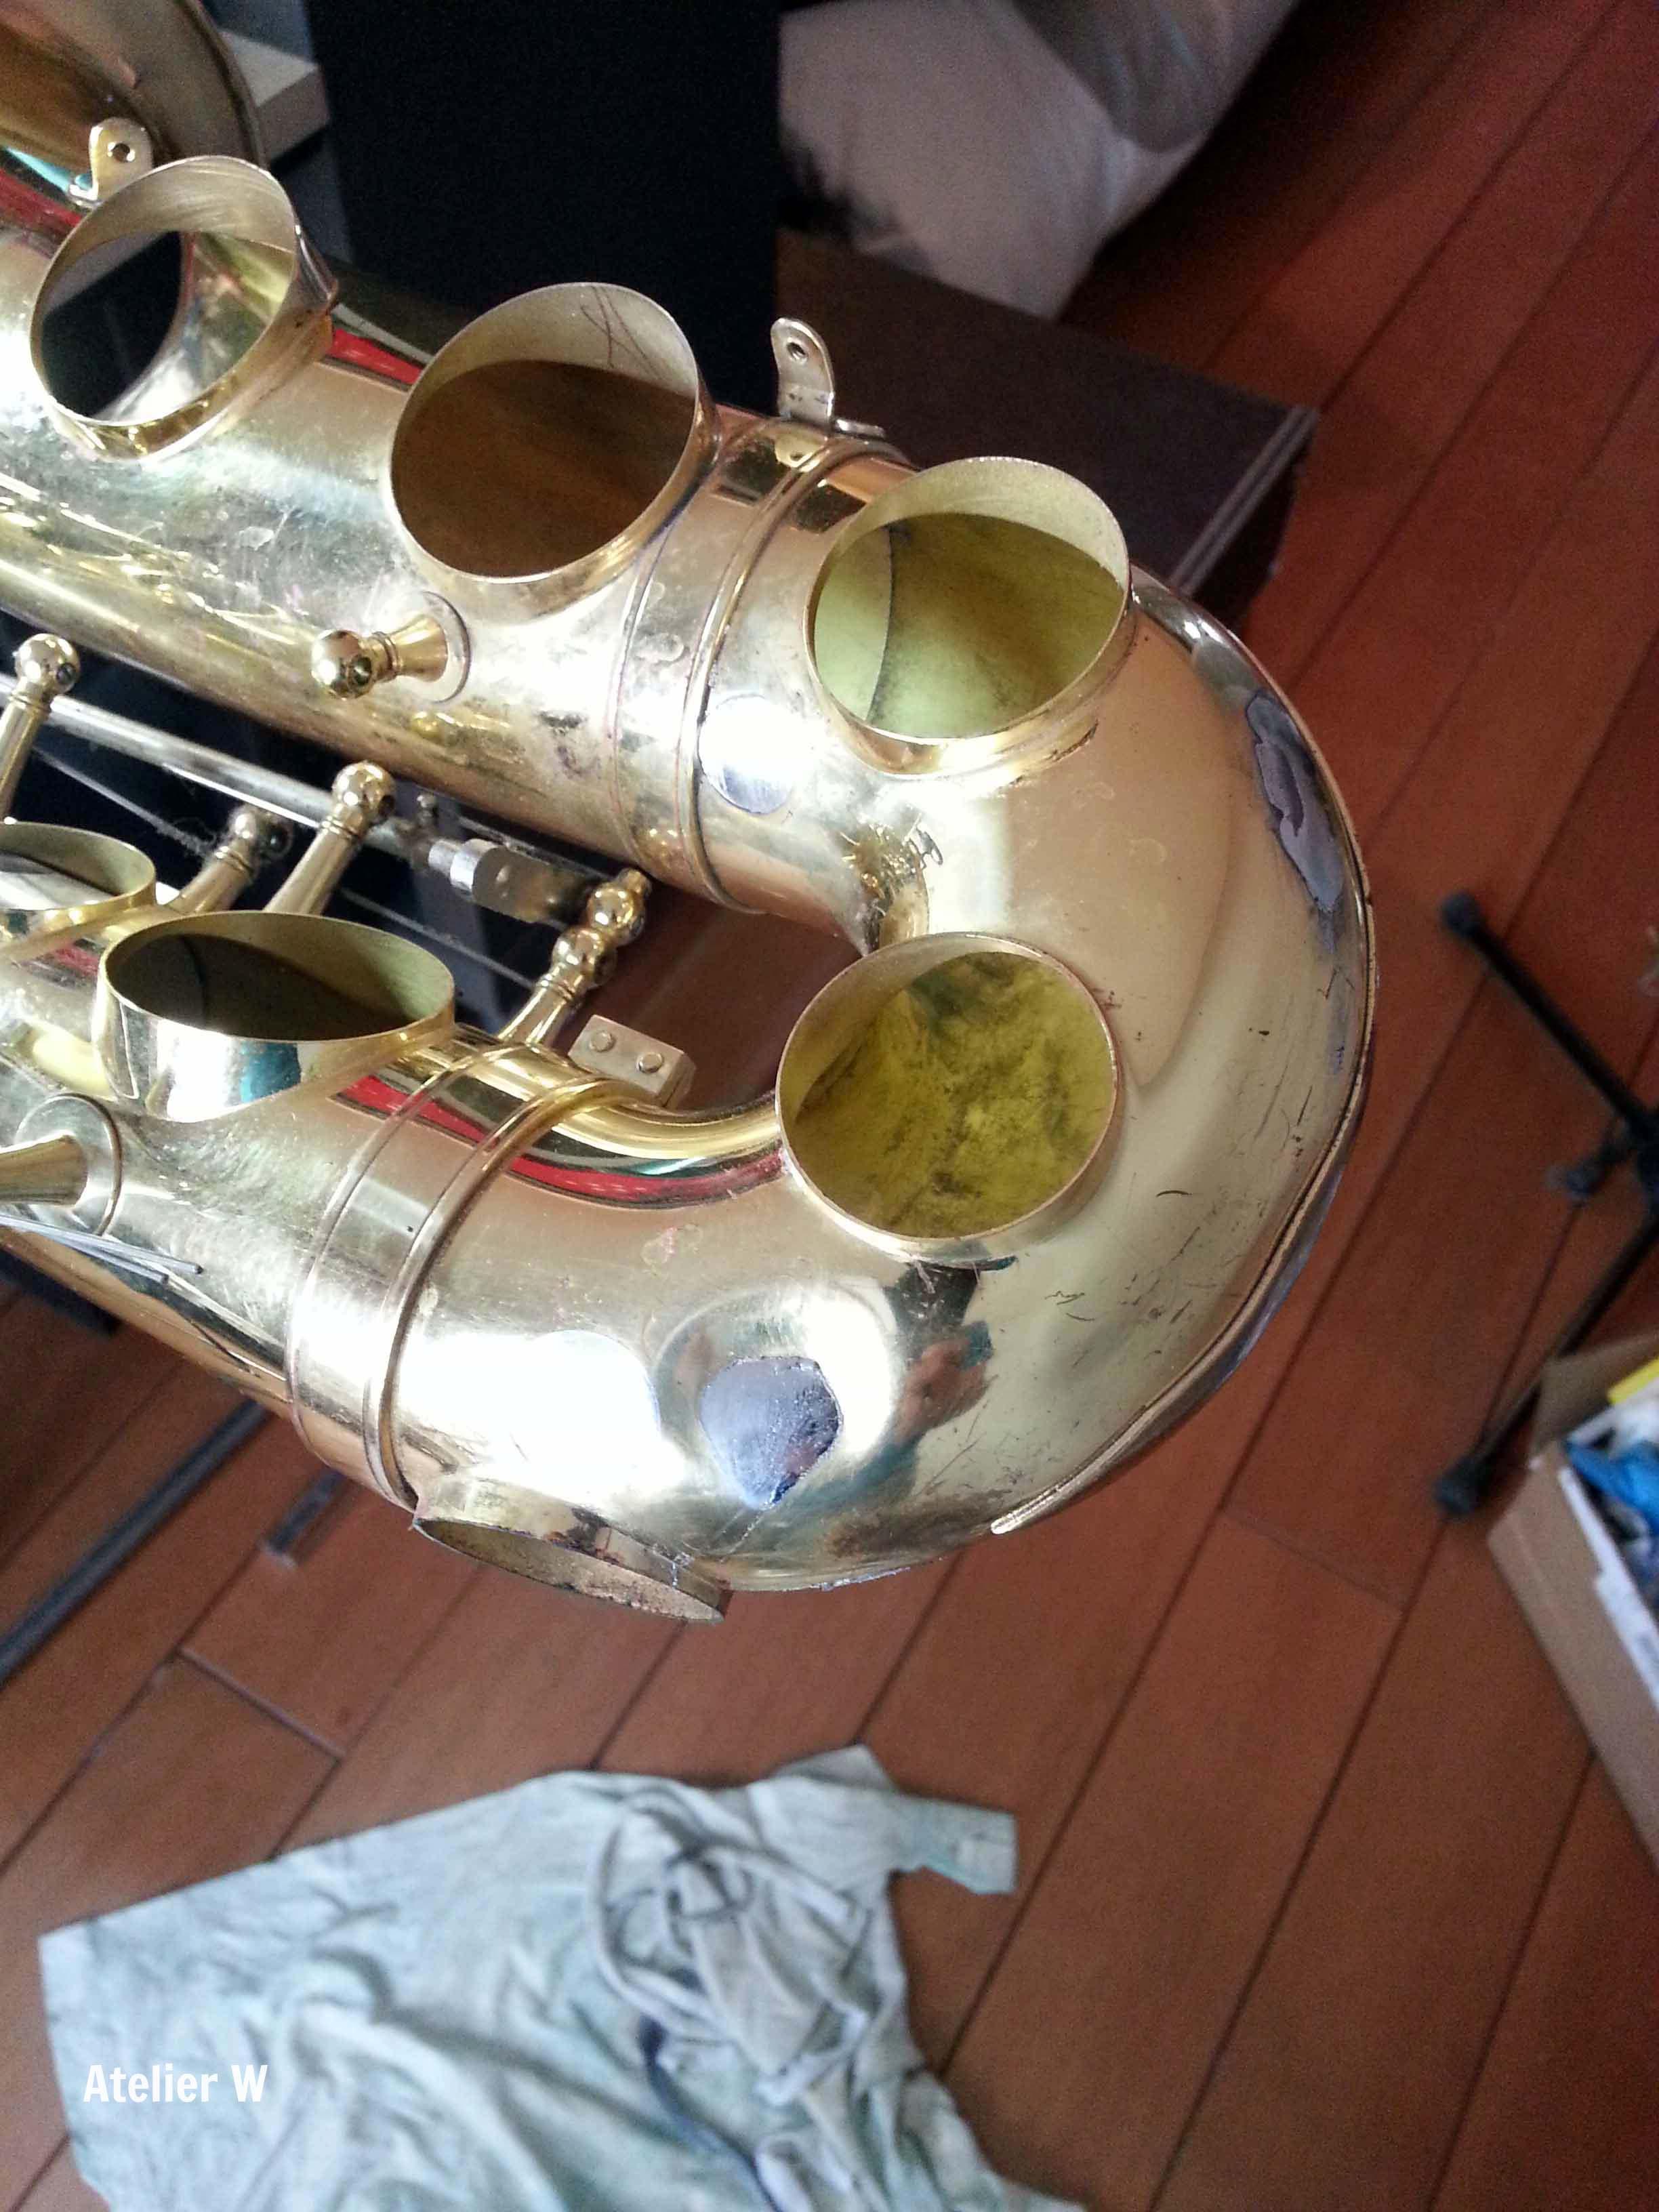 Réparation d'une culasse d'alto Yamaha YAS-21